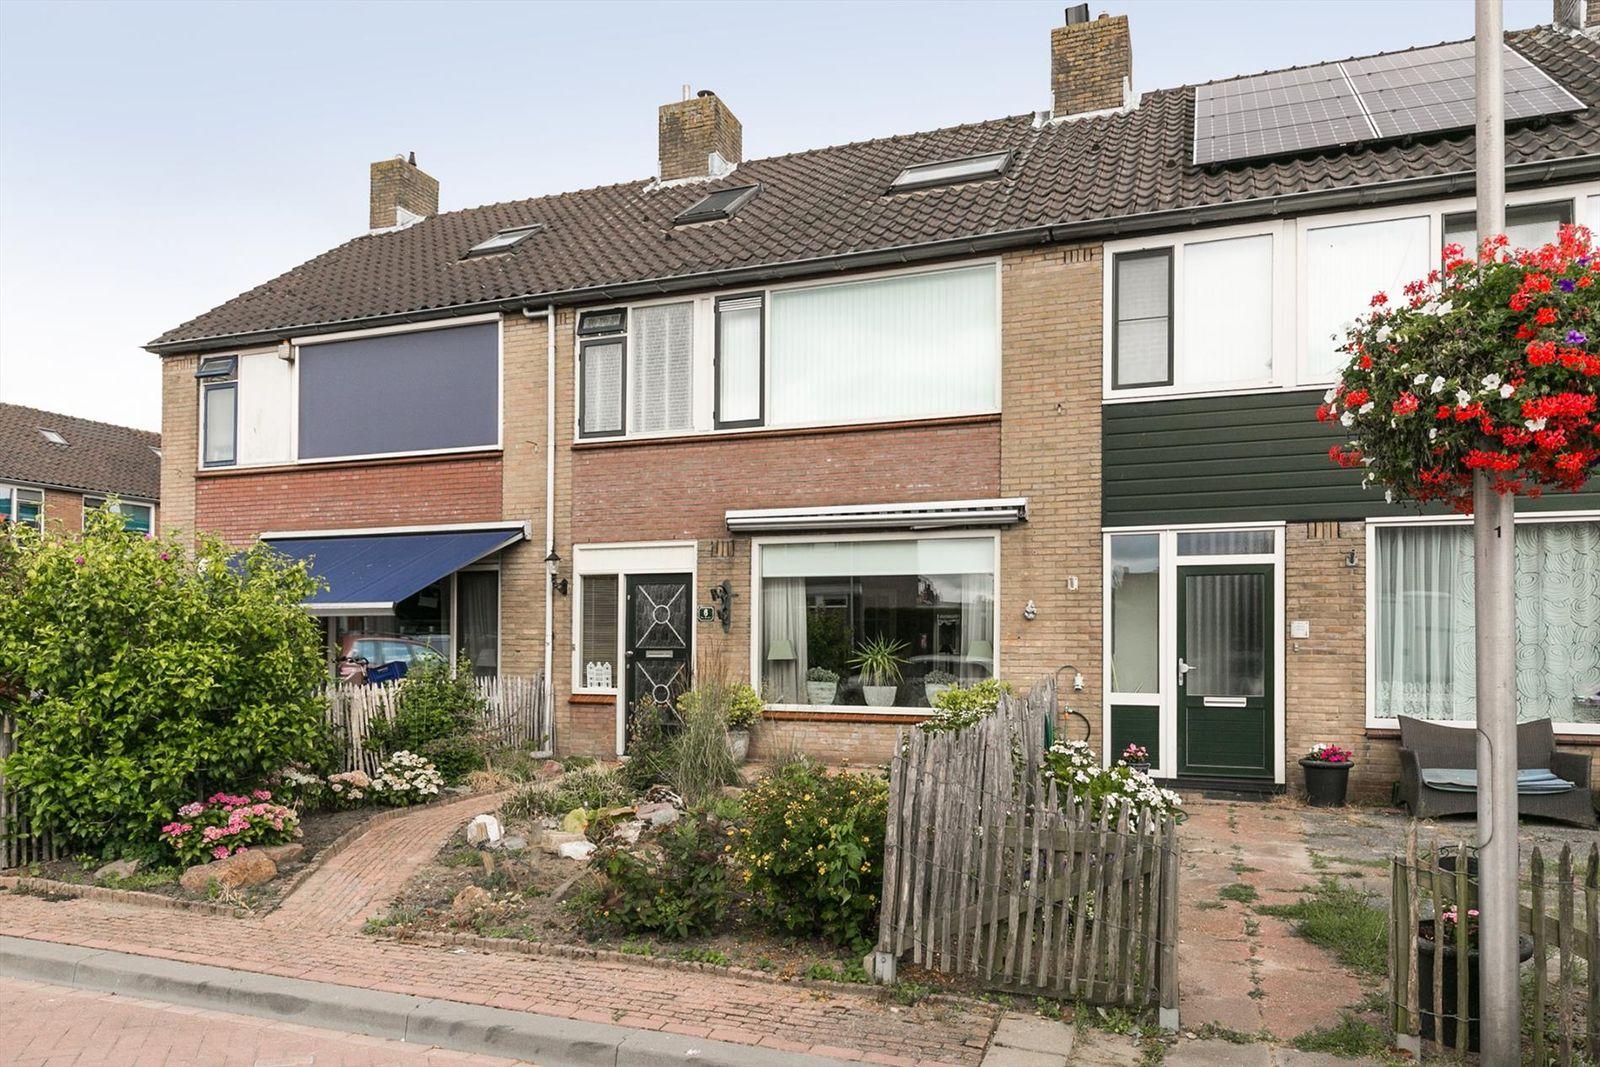 Jhr V.P.A. Beelaerts van Bloklandlaan 6, Heerjansdam